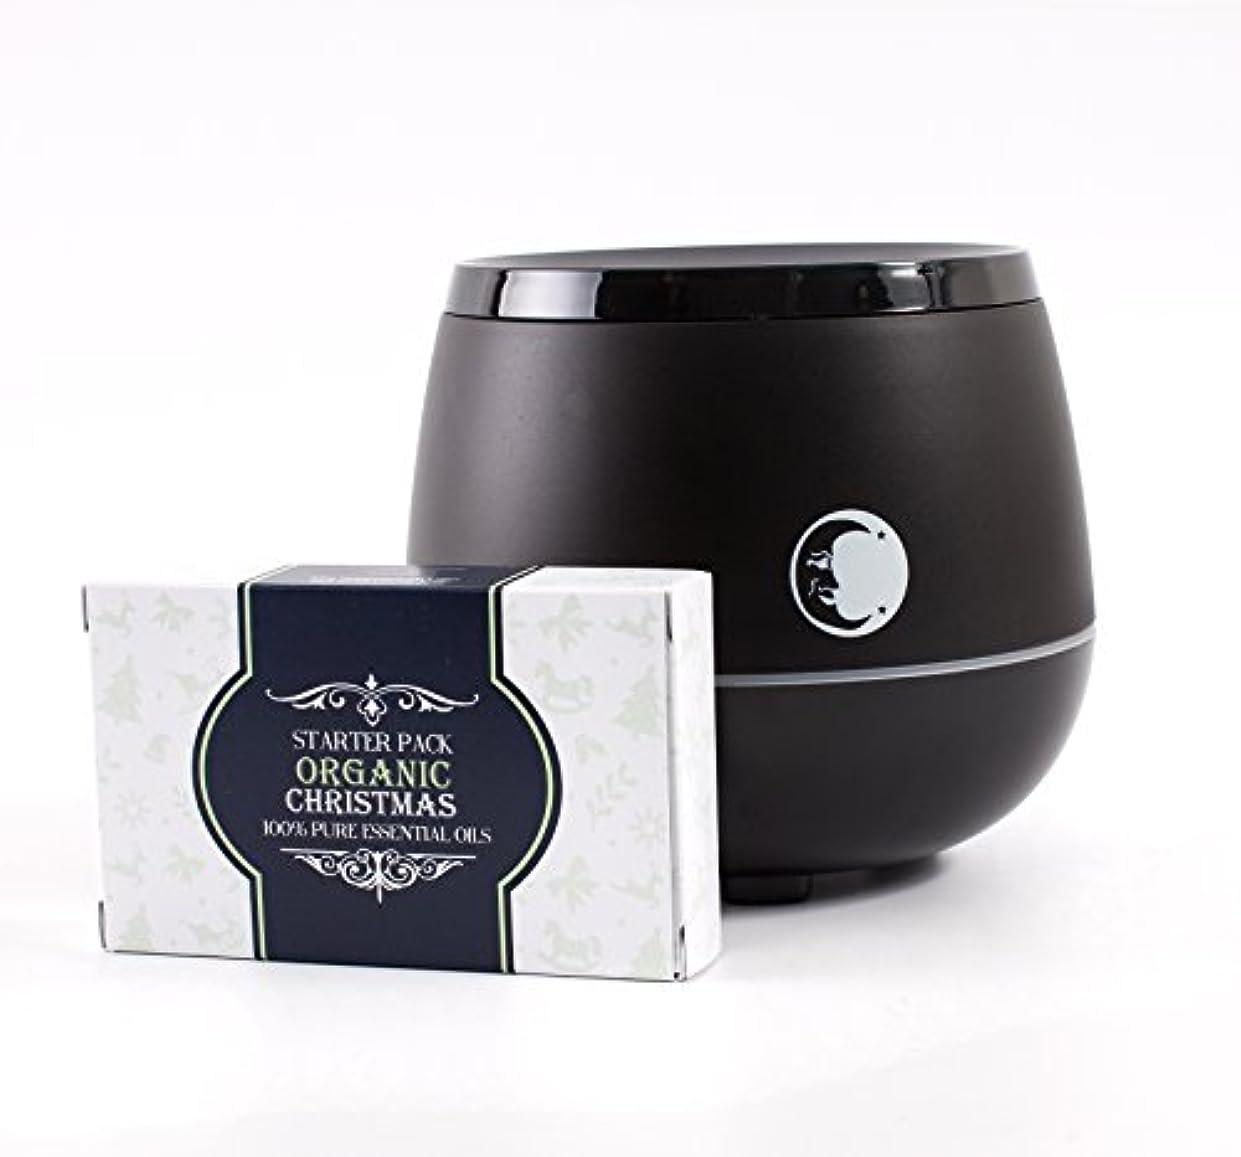 バレーボール添付緊急Mystic Moments   Black Aromatherapy Oil Ultrasonic Diffuser With Bluetooth Speaker & LED Lights + Organic Christmas...